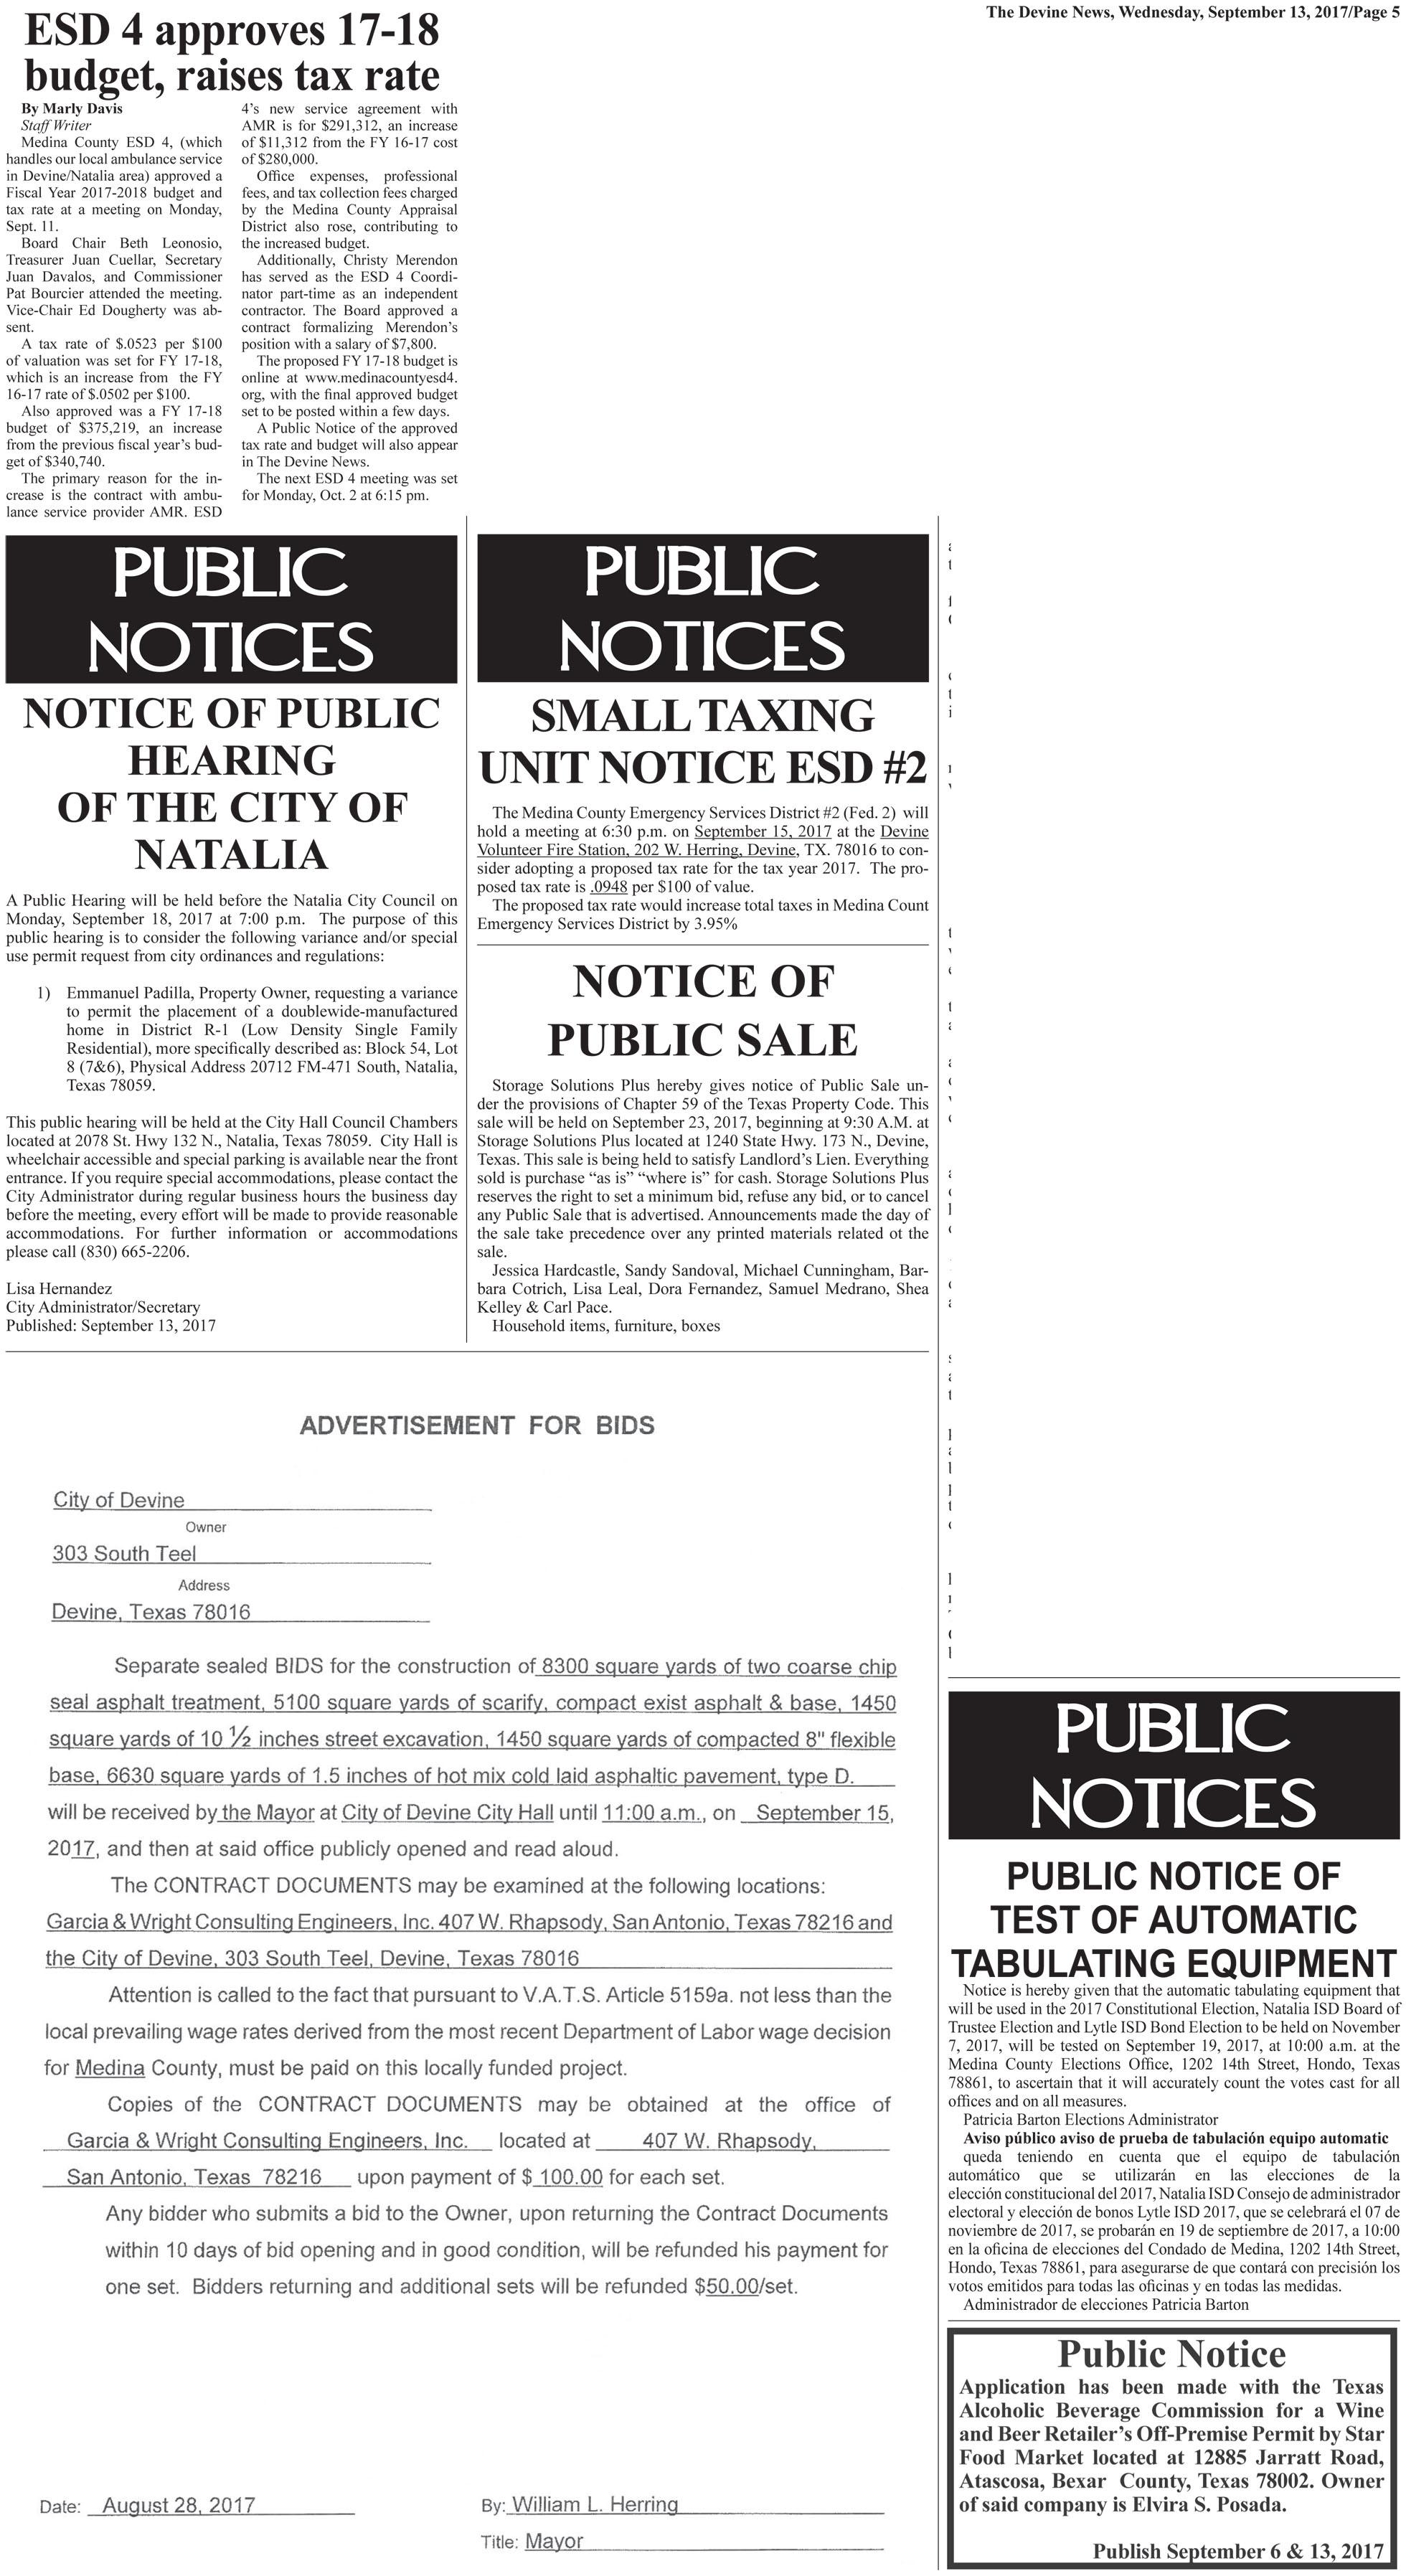 Public Notices Page 9-13-17